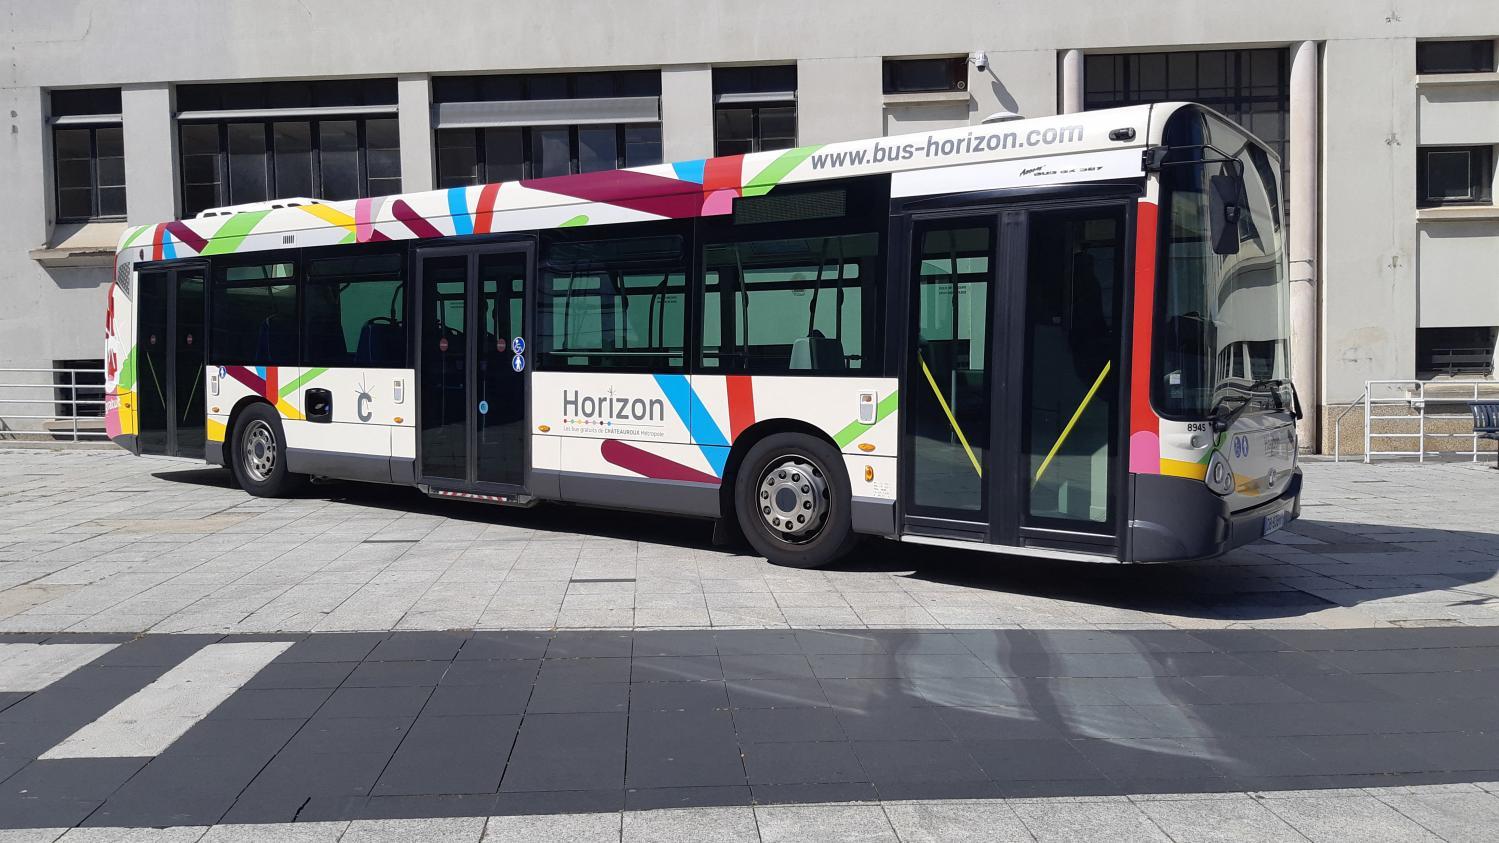 Le billet vert. La gratuité des transports en commun en réflexion - Franceinfo